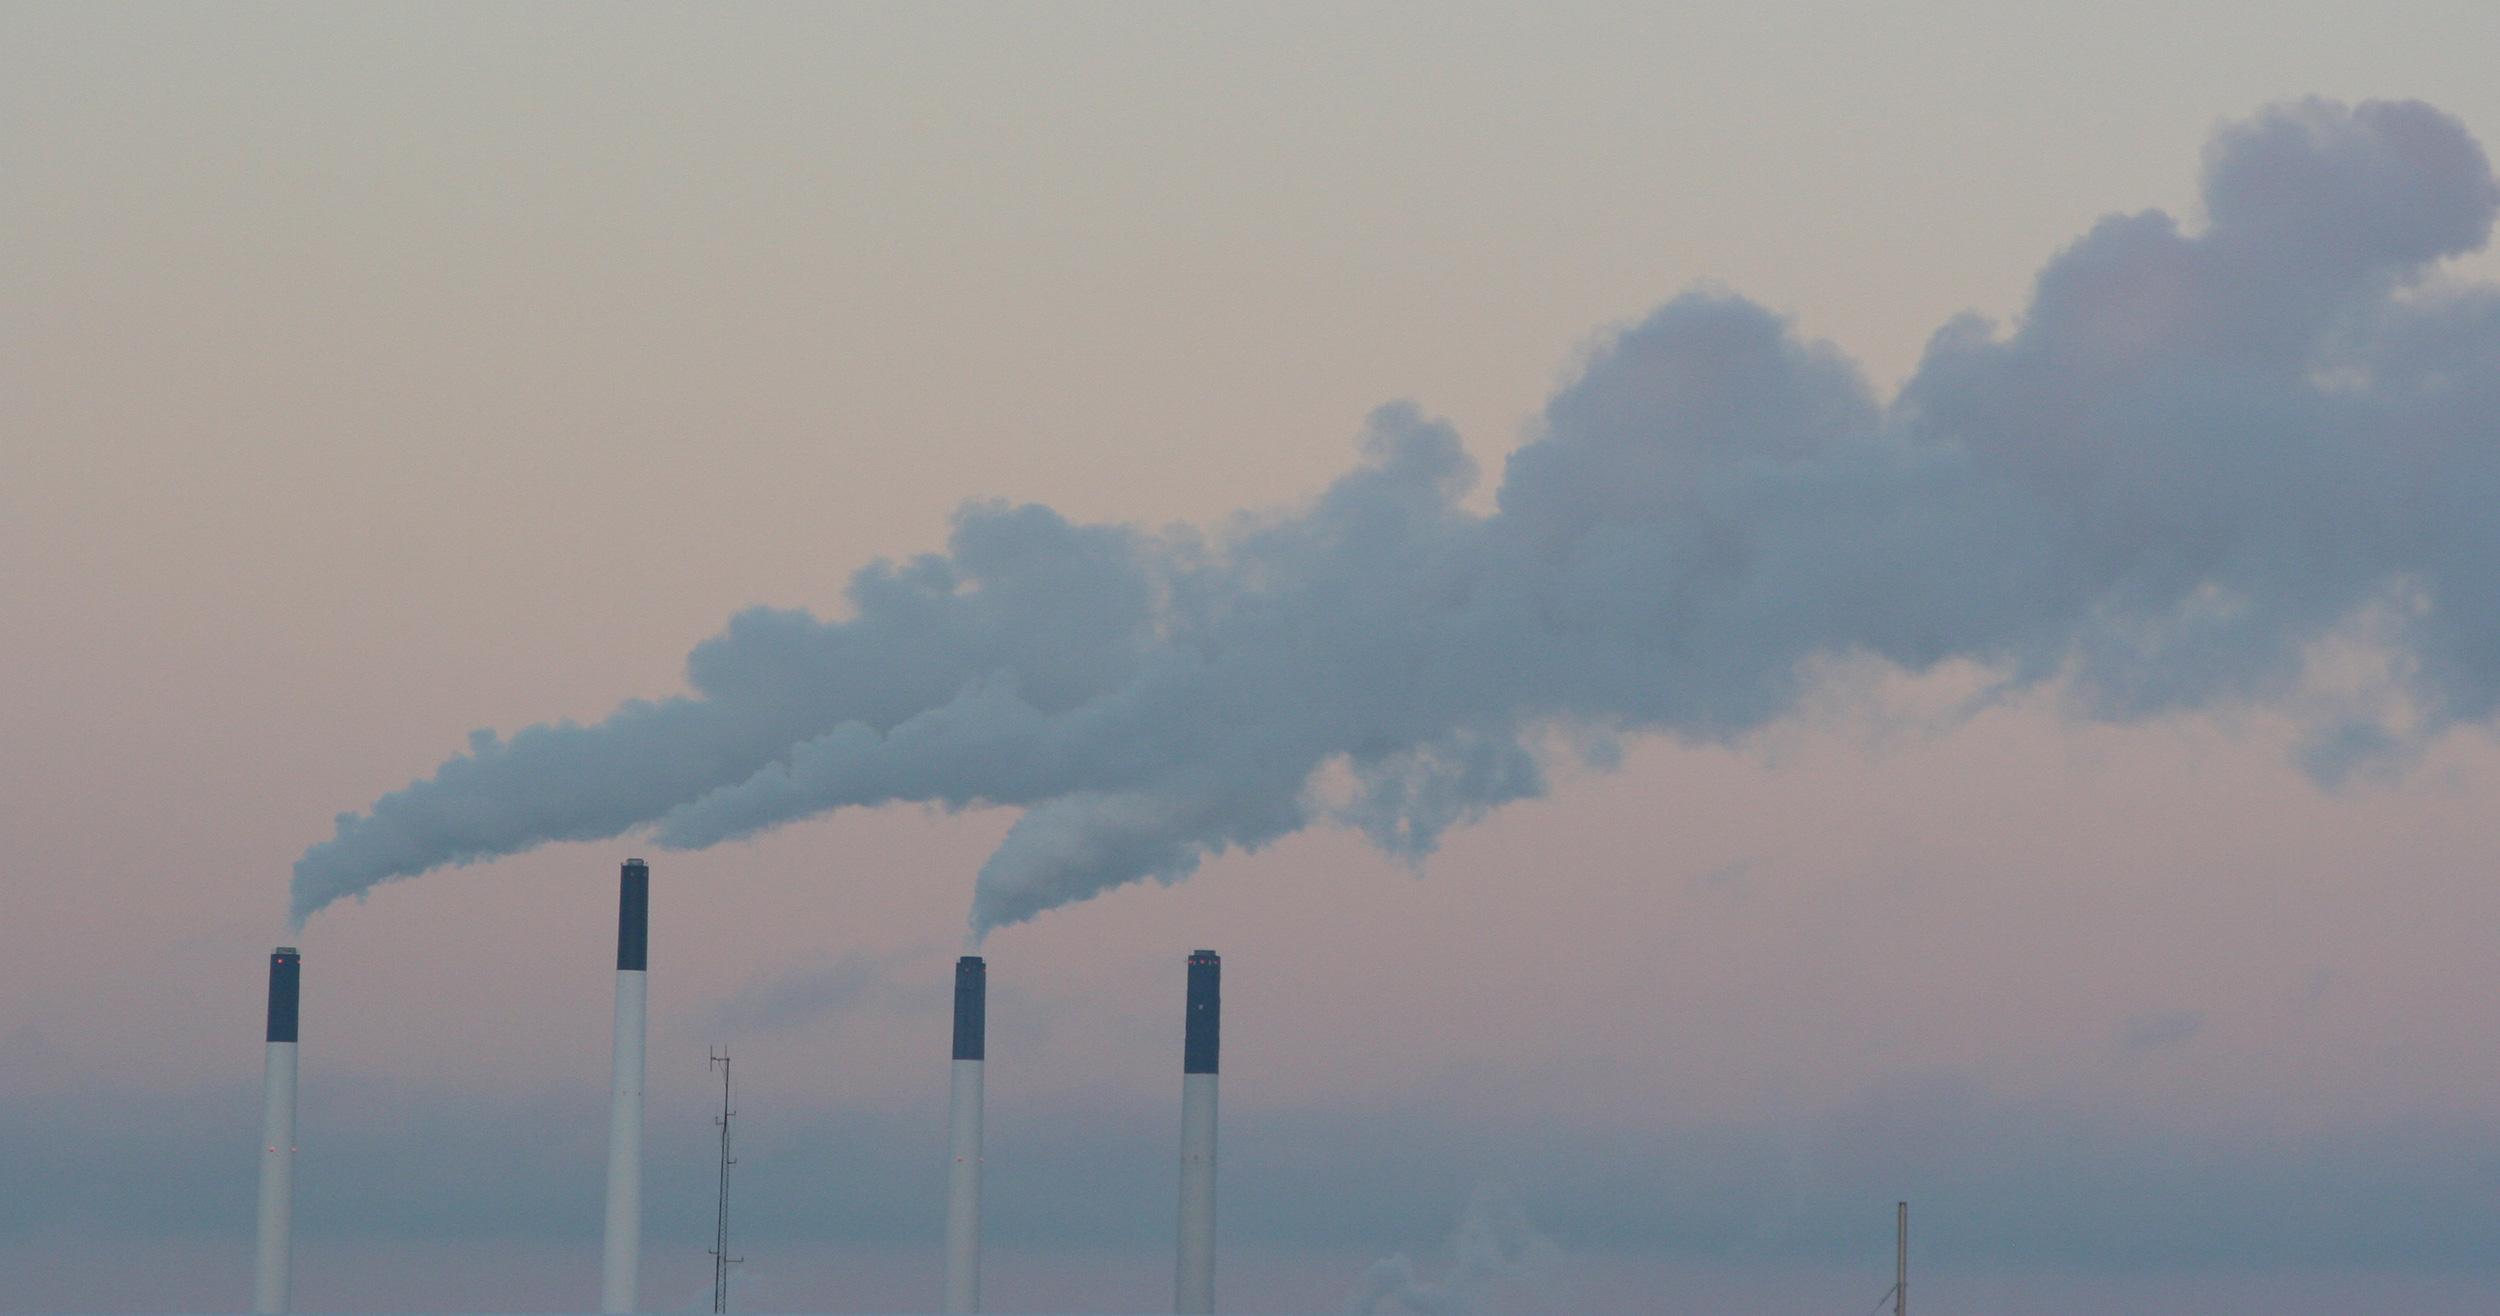 Forbrændingsanlæg: DN efterlyser stærkere kontrol